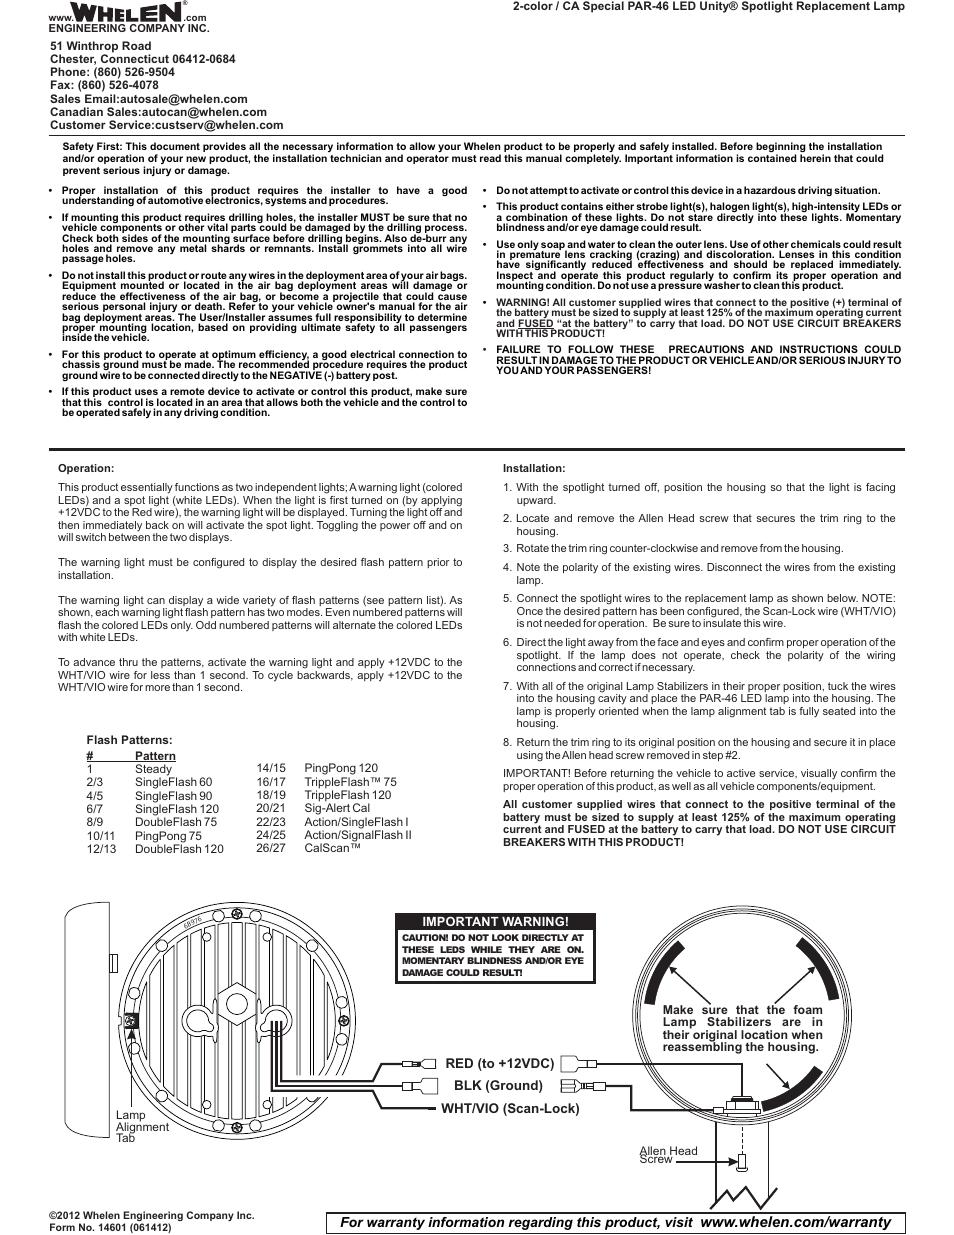 medium resolution of unity spotlight wiring diagram